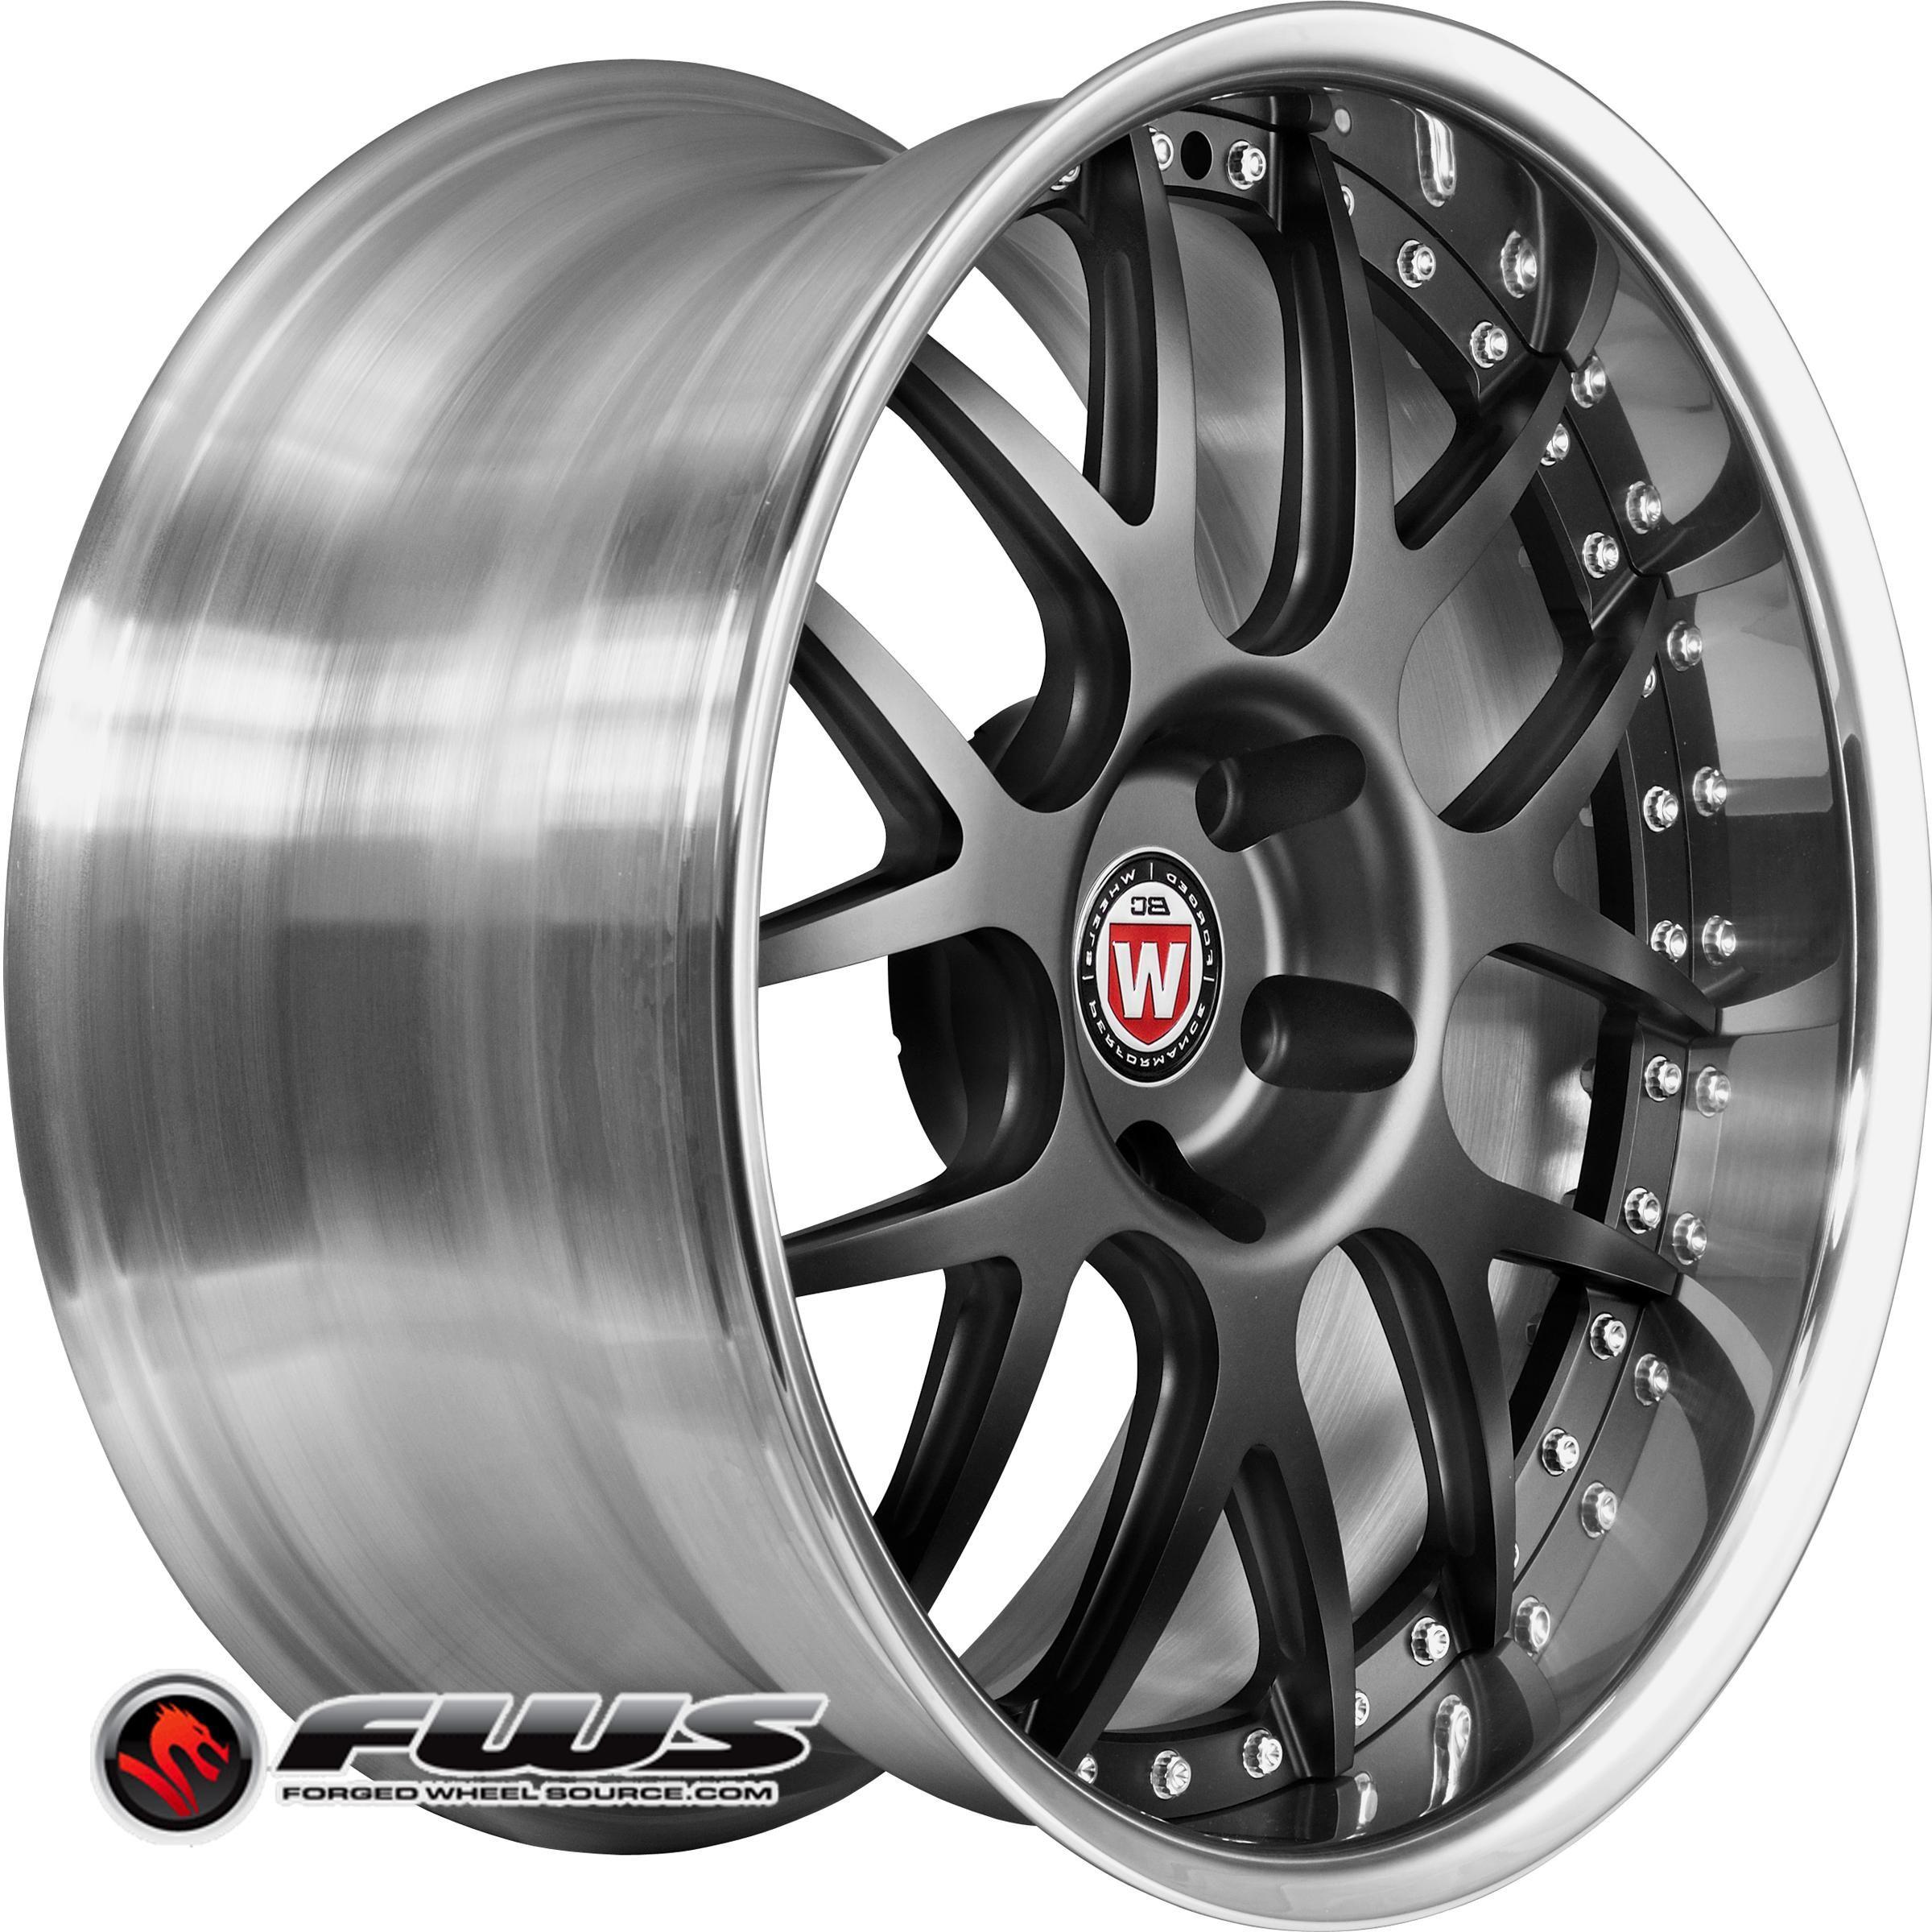 bmw for milan sale wheels on black rims matte xo